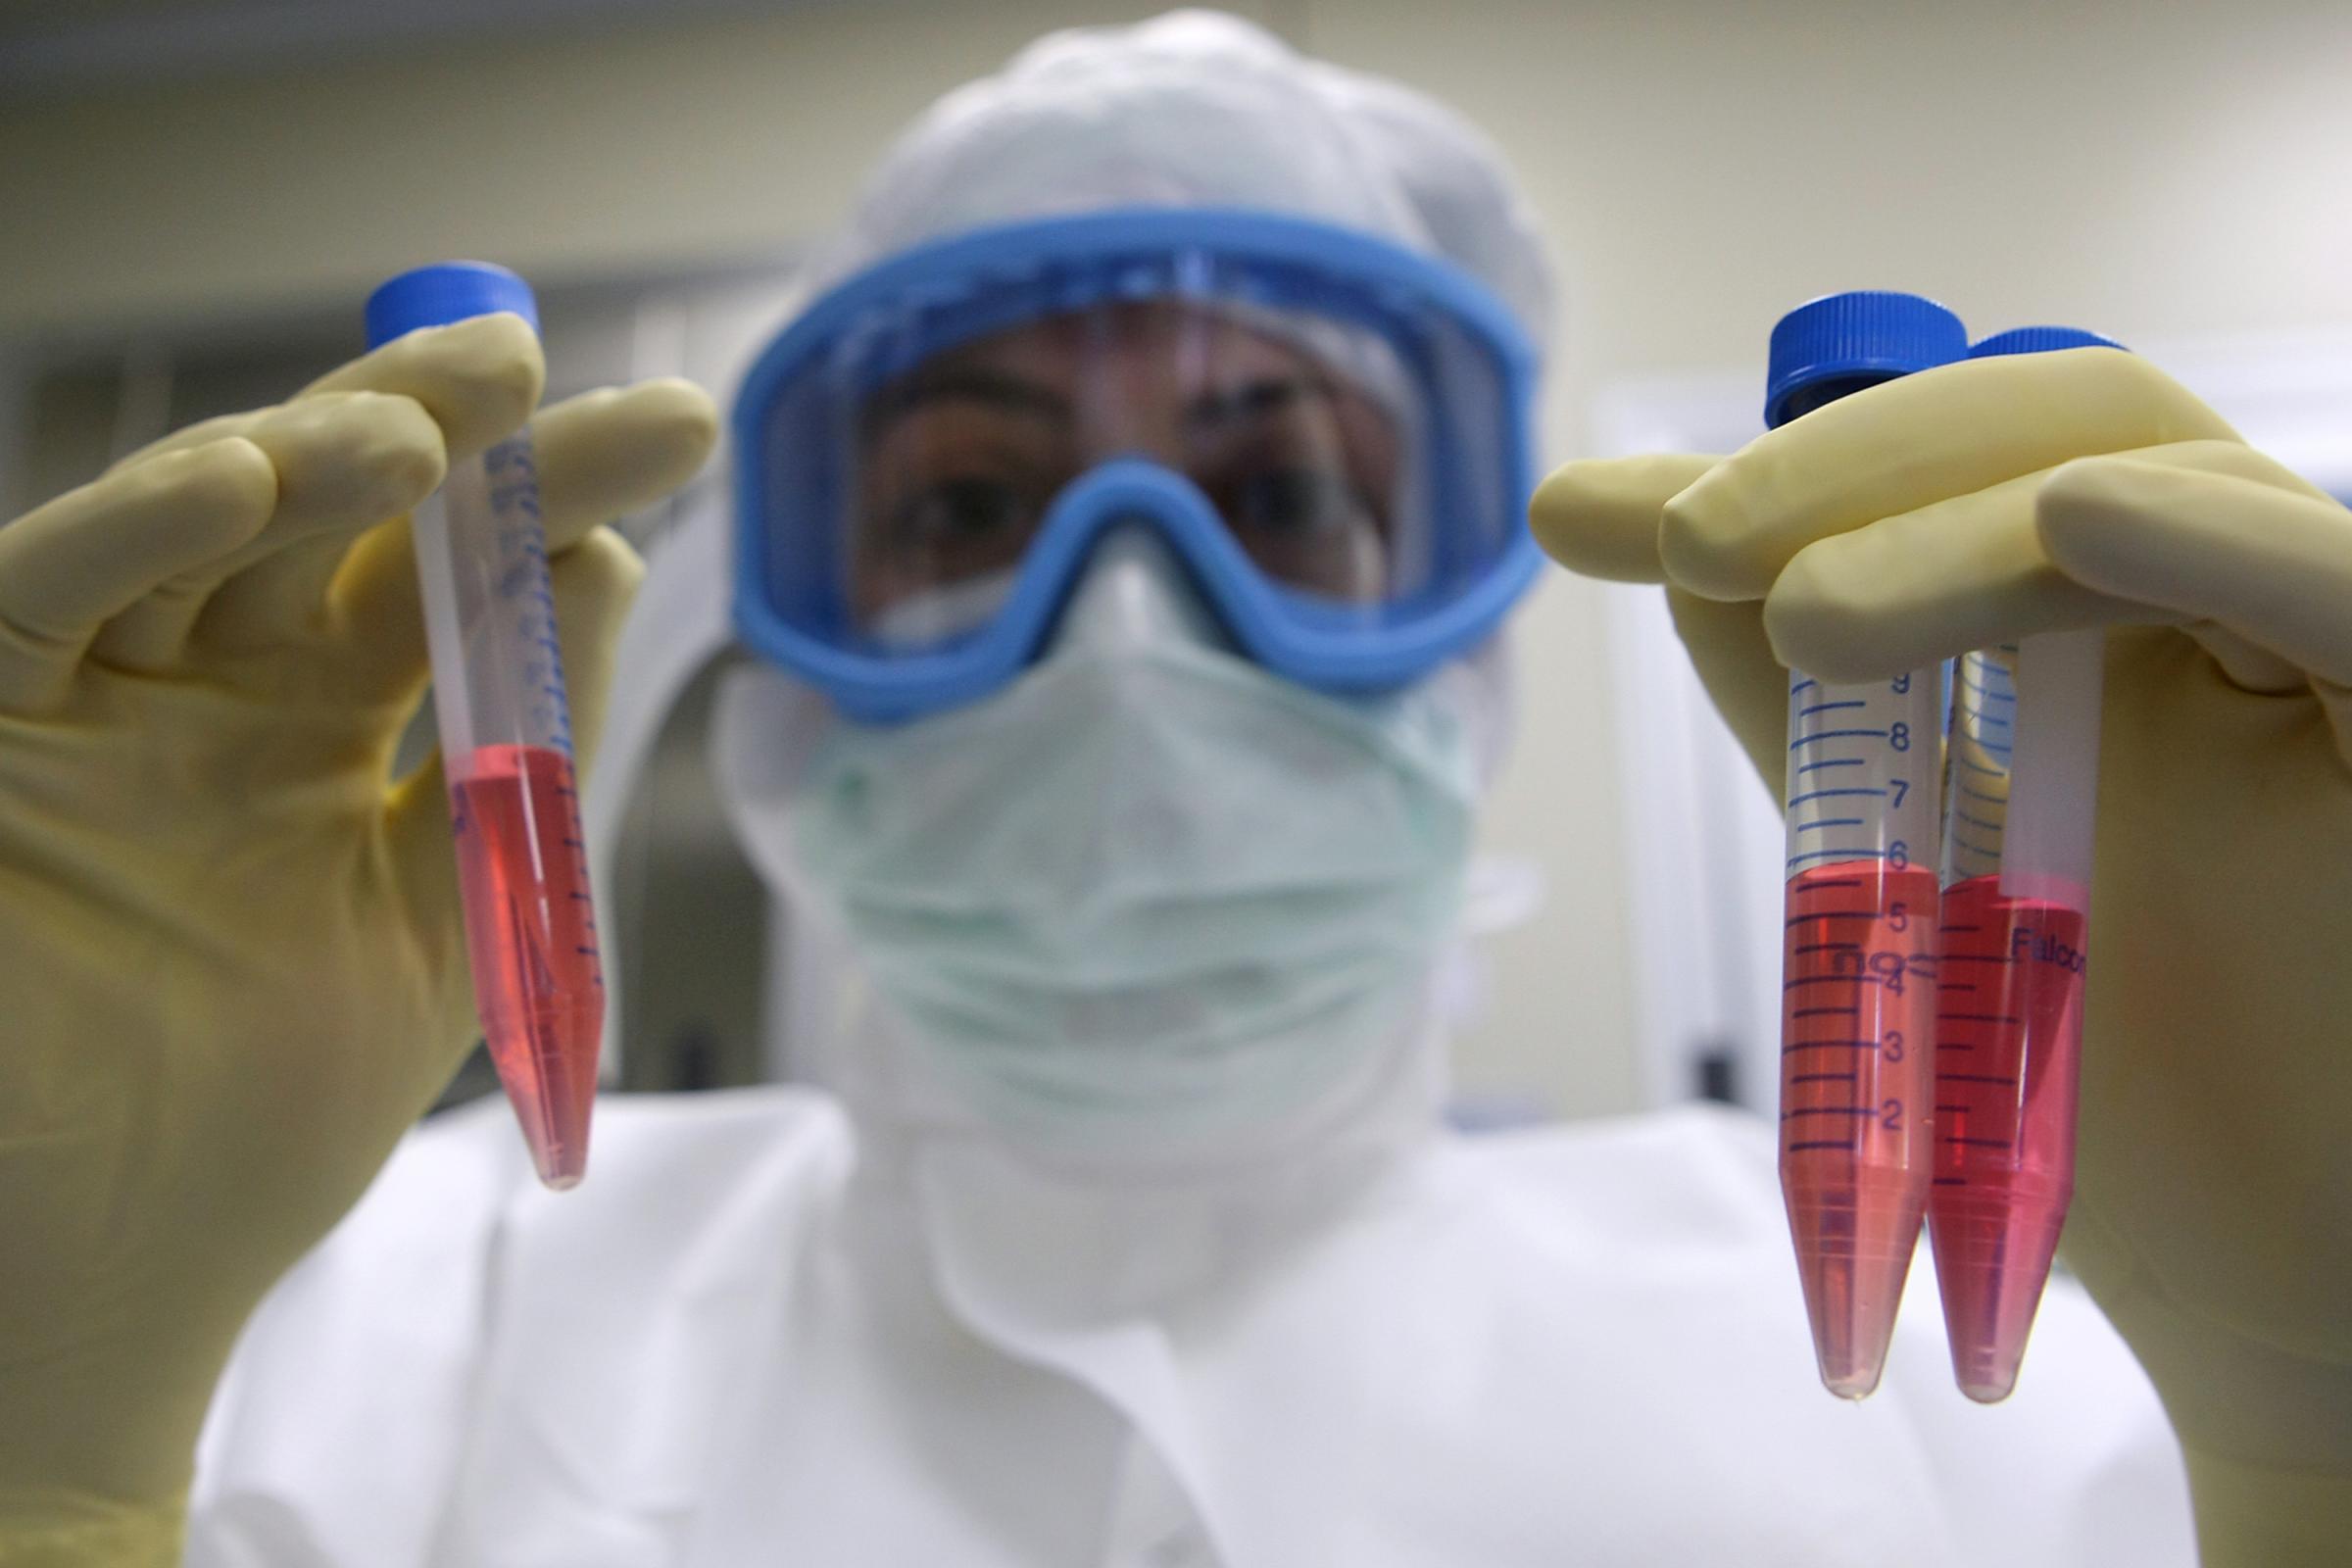 Impiantata trachea su bimba di 2 anni grazie a cellule staminali